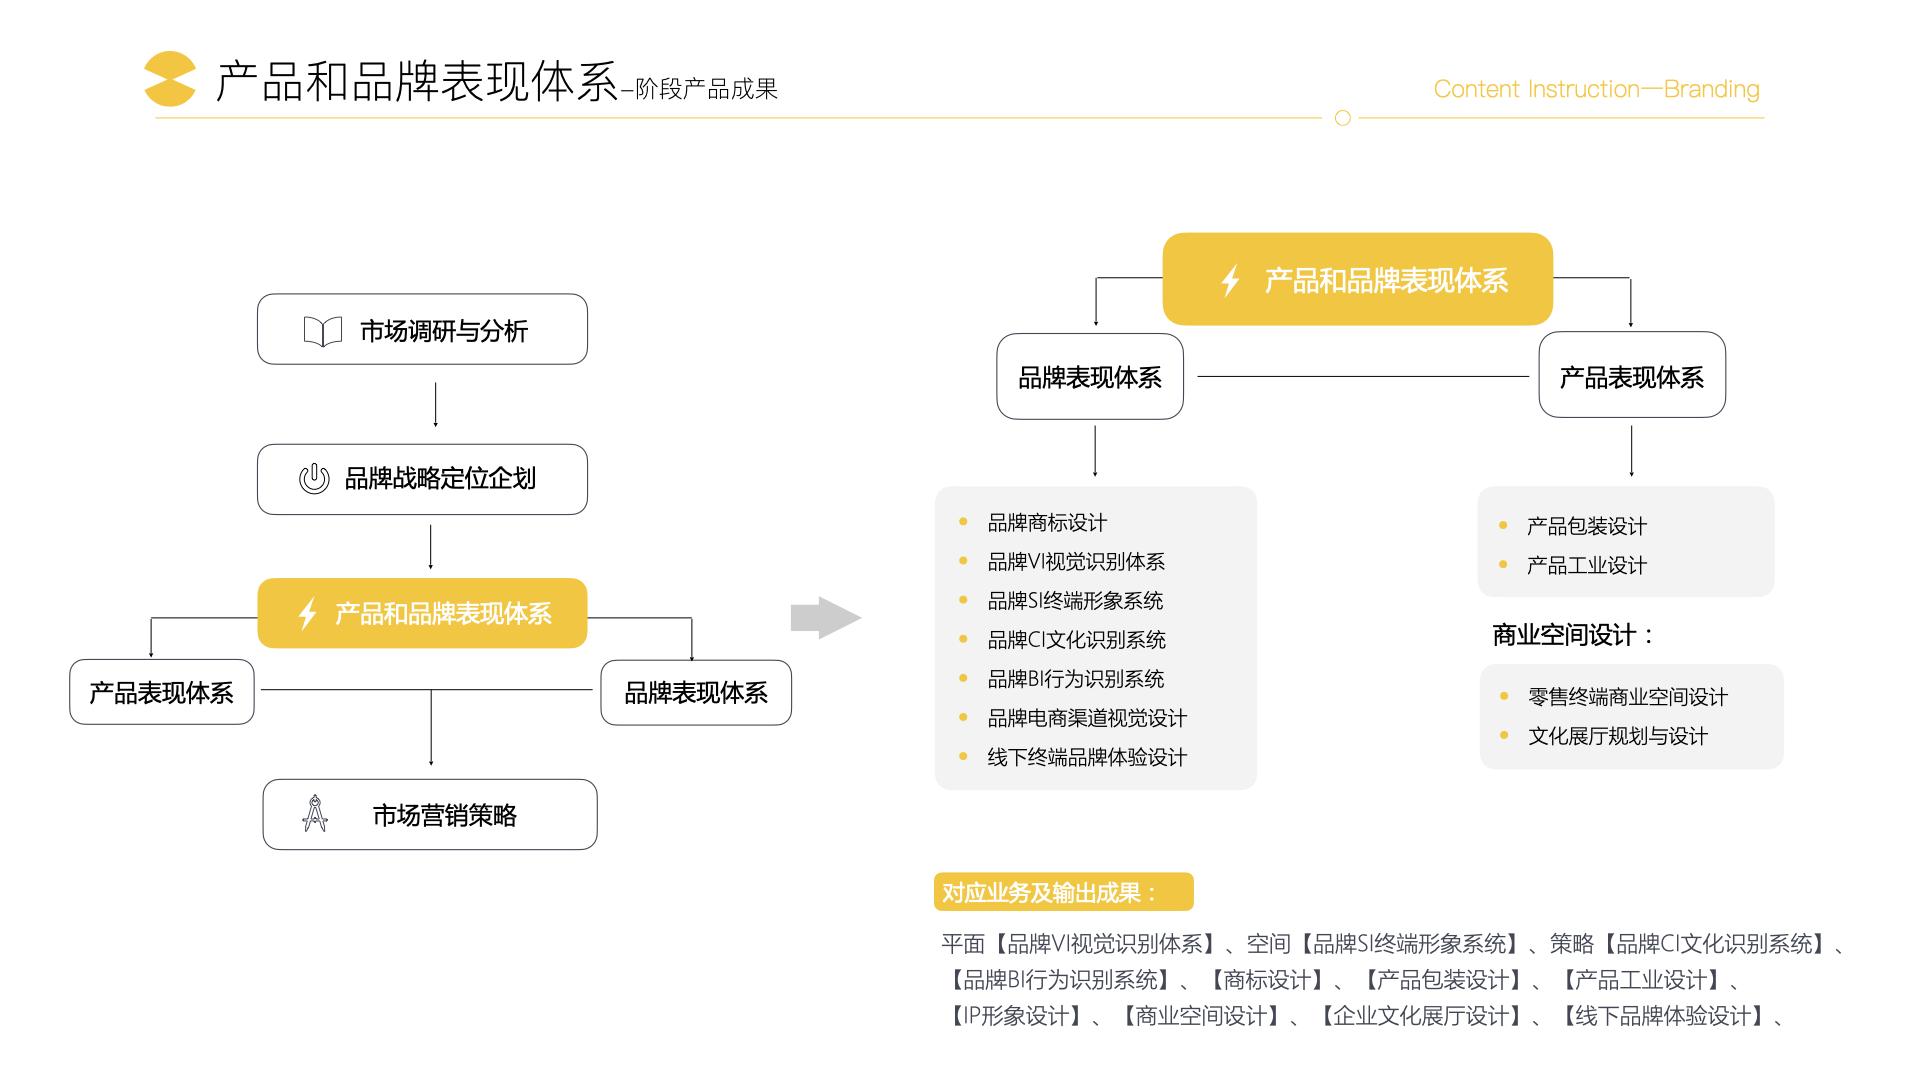 【公司-企业介绍】达岸品牌营销机构20200526.016